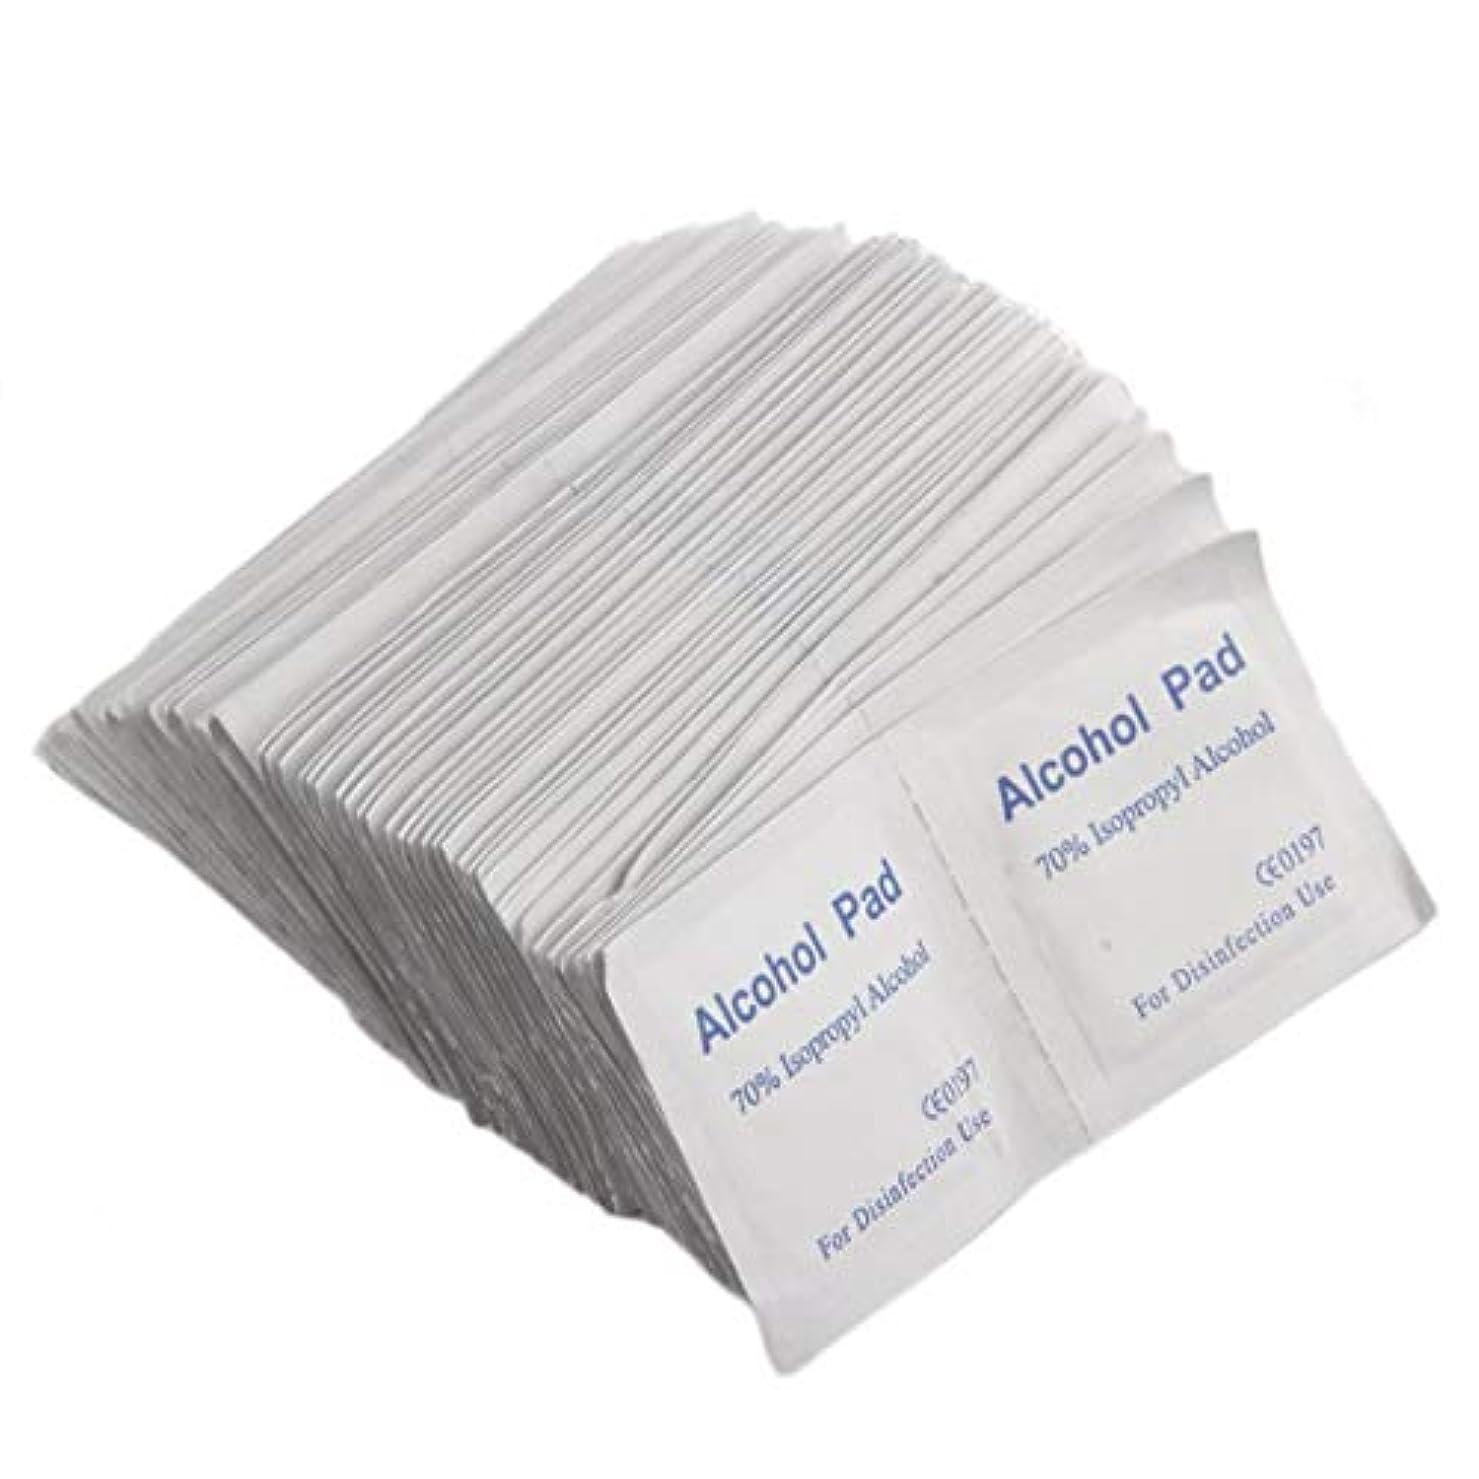 慢事務所レンドIntercorey 100ピース/ボックスプロフェッショナルアルコールワイプパッド医療綿棒サシェ抗菌ツールクレンザークリーニング不織布紙